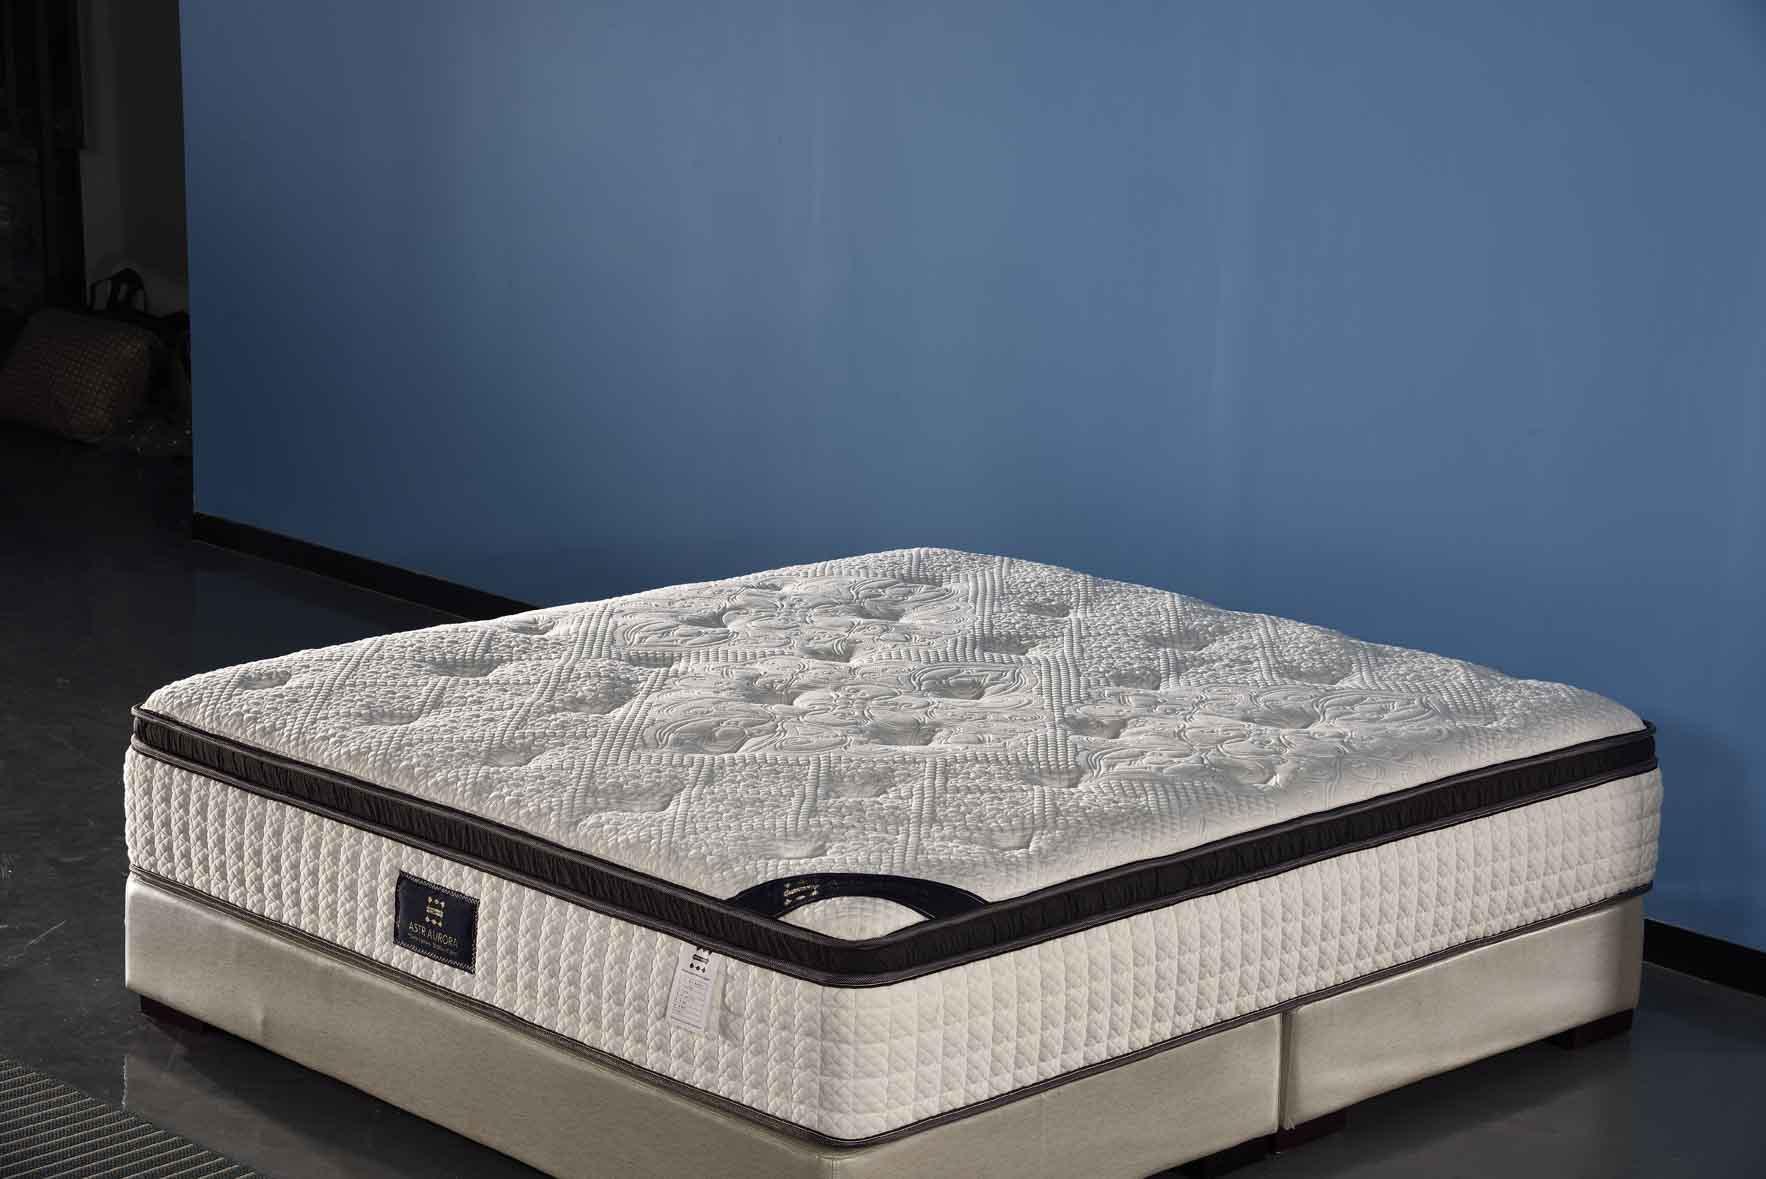 广州酒店黑科技床垫性价比高 推荐咨询「苏州星夜家居科技供应」